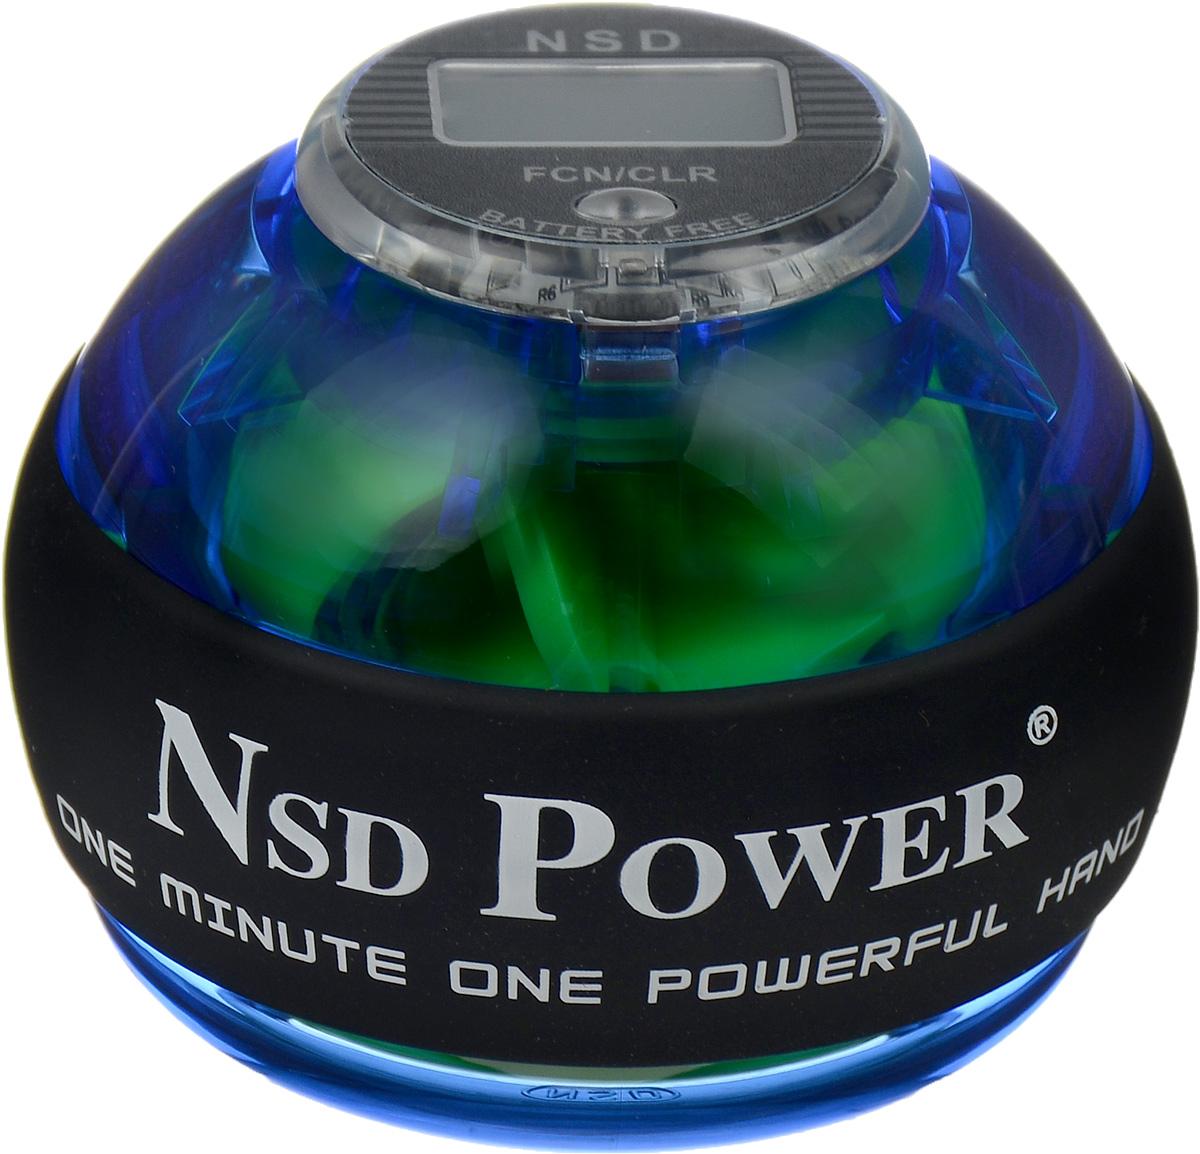 Тренажер кистевой NSD Power Powerball Pro, цвет: синийPB-688C BlueКистевой тренажер NSD Power Powerball Pro - новая модель со счетчиком, изготовленная из более прочного материала с системой защиты ротора. Также в эту модель внедрена система сменных колец для быстрого ремонта при повреждении. Новый счетчик со встроенным генератором, работает без батареек. Прекрасно сбалансированный ротор тренажера может достигать скорости вращения до 15000 оборотов в минуту, при этом обеспечивая плавное и легкое вращение. В комплект входят инструкция и два шнурка. Стильный тренажер для кисти рук, который можно использовать в любую свободную минуту и в любом удобном месте. С помощью NSD Power Powerball Pro можно проводить профилактику туннельного синдрома, боли в кистях и запястьях, которым особенно подвержены люди, работающие на компьютере. Размер тренажера: 6,5 х 8 см.